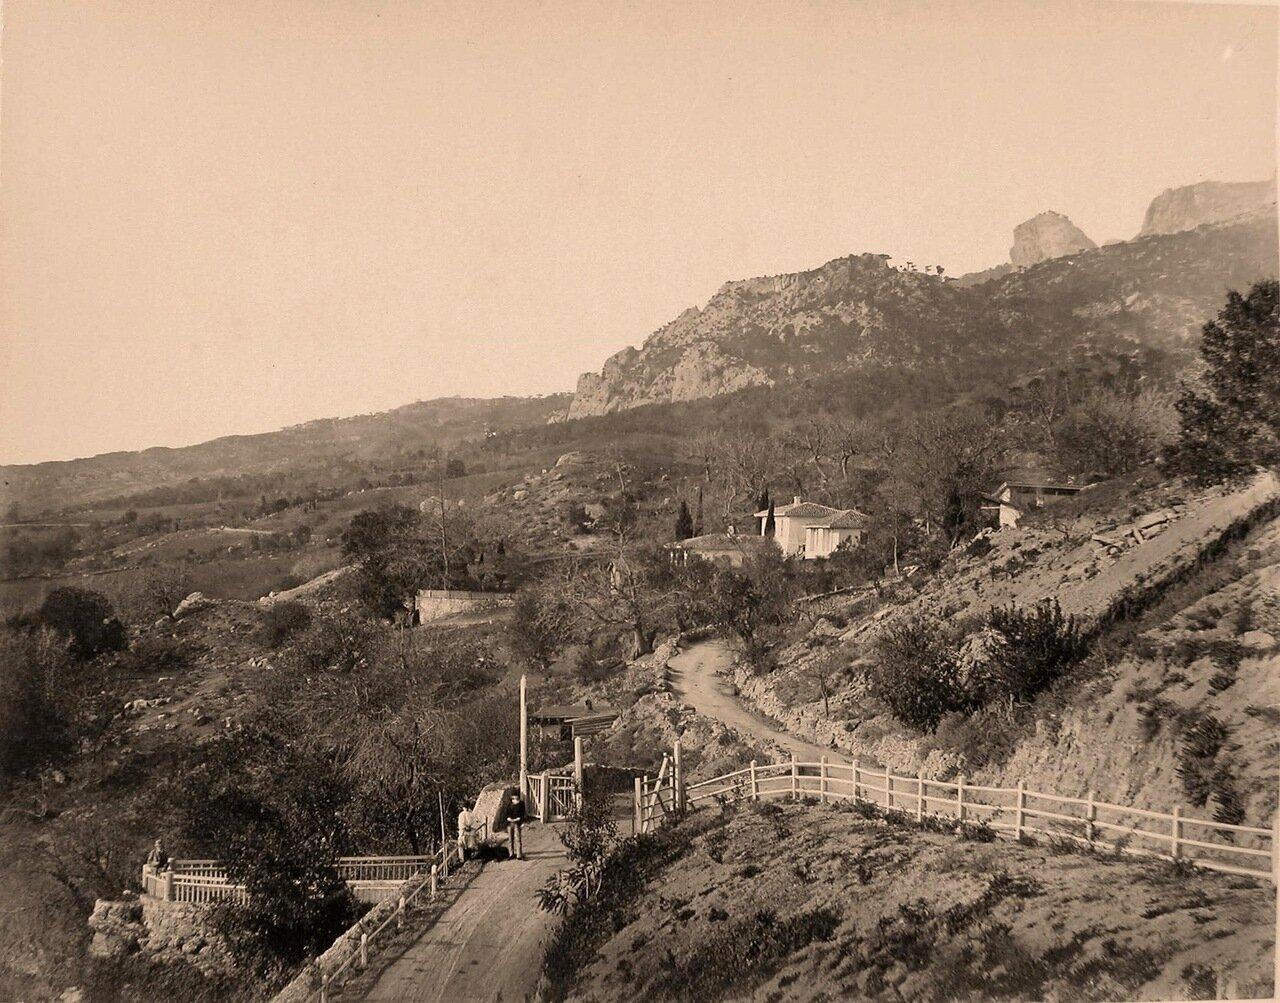 08. Местные жители на дороге близ селения у подножия горы